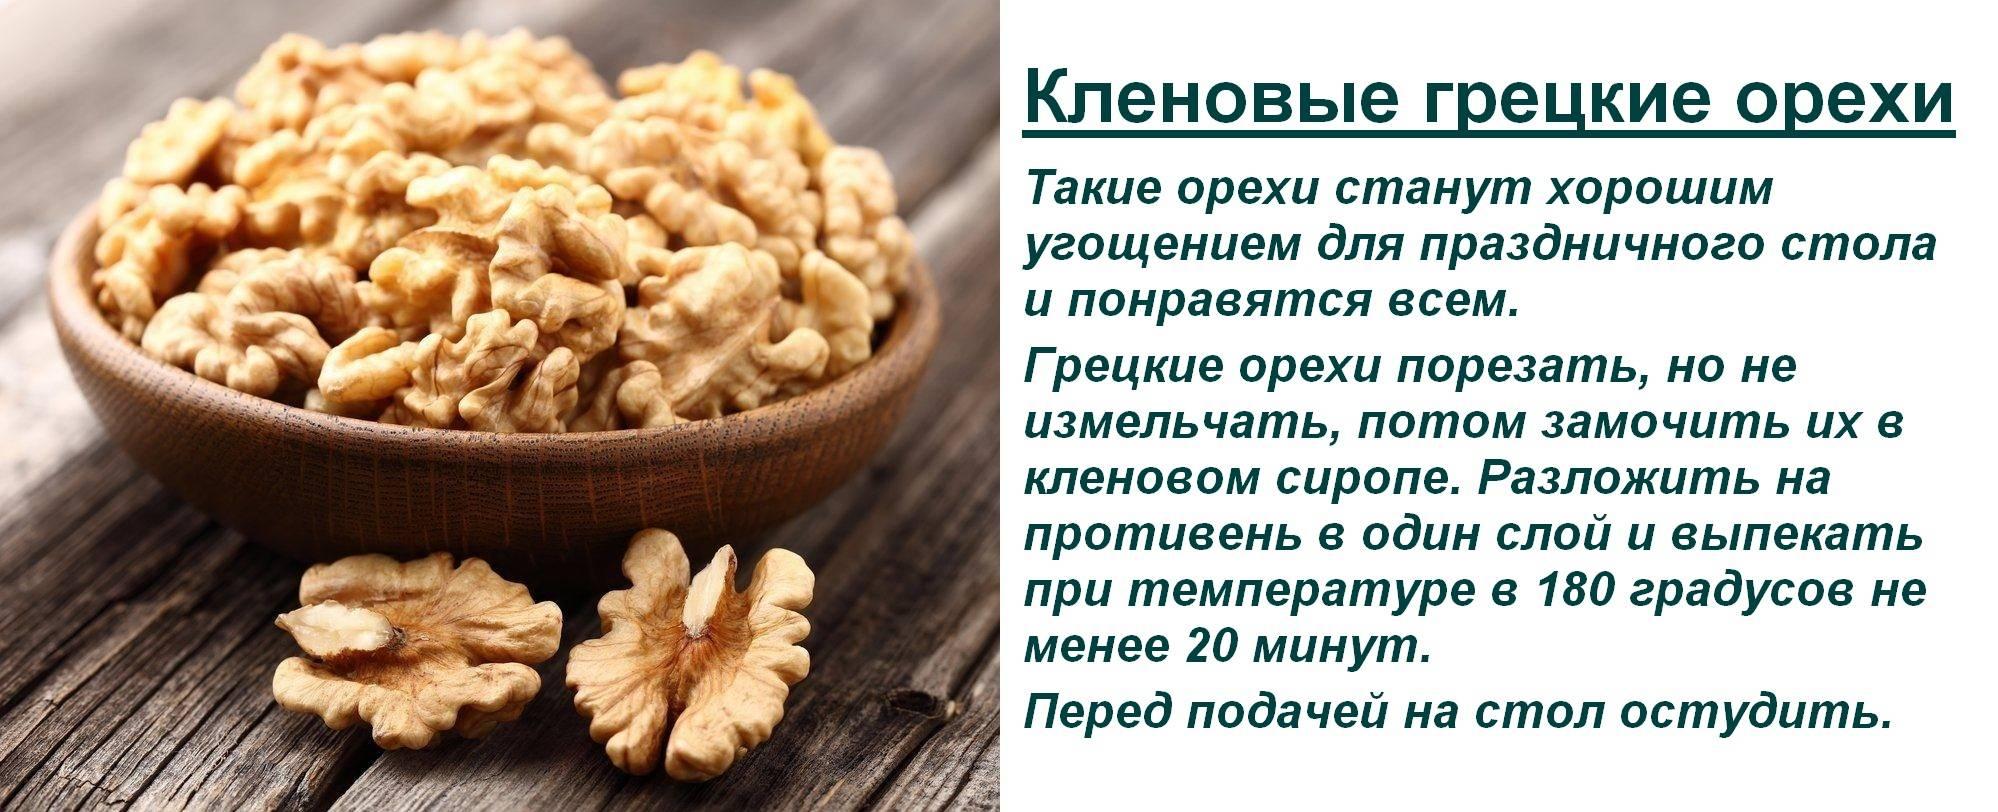 Чем полезен грецкий орех для мужчин: основные свойства